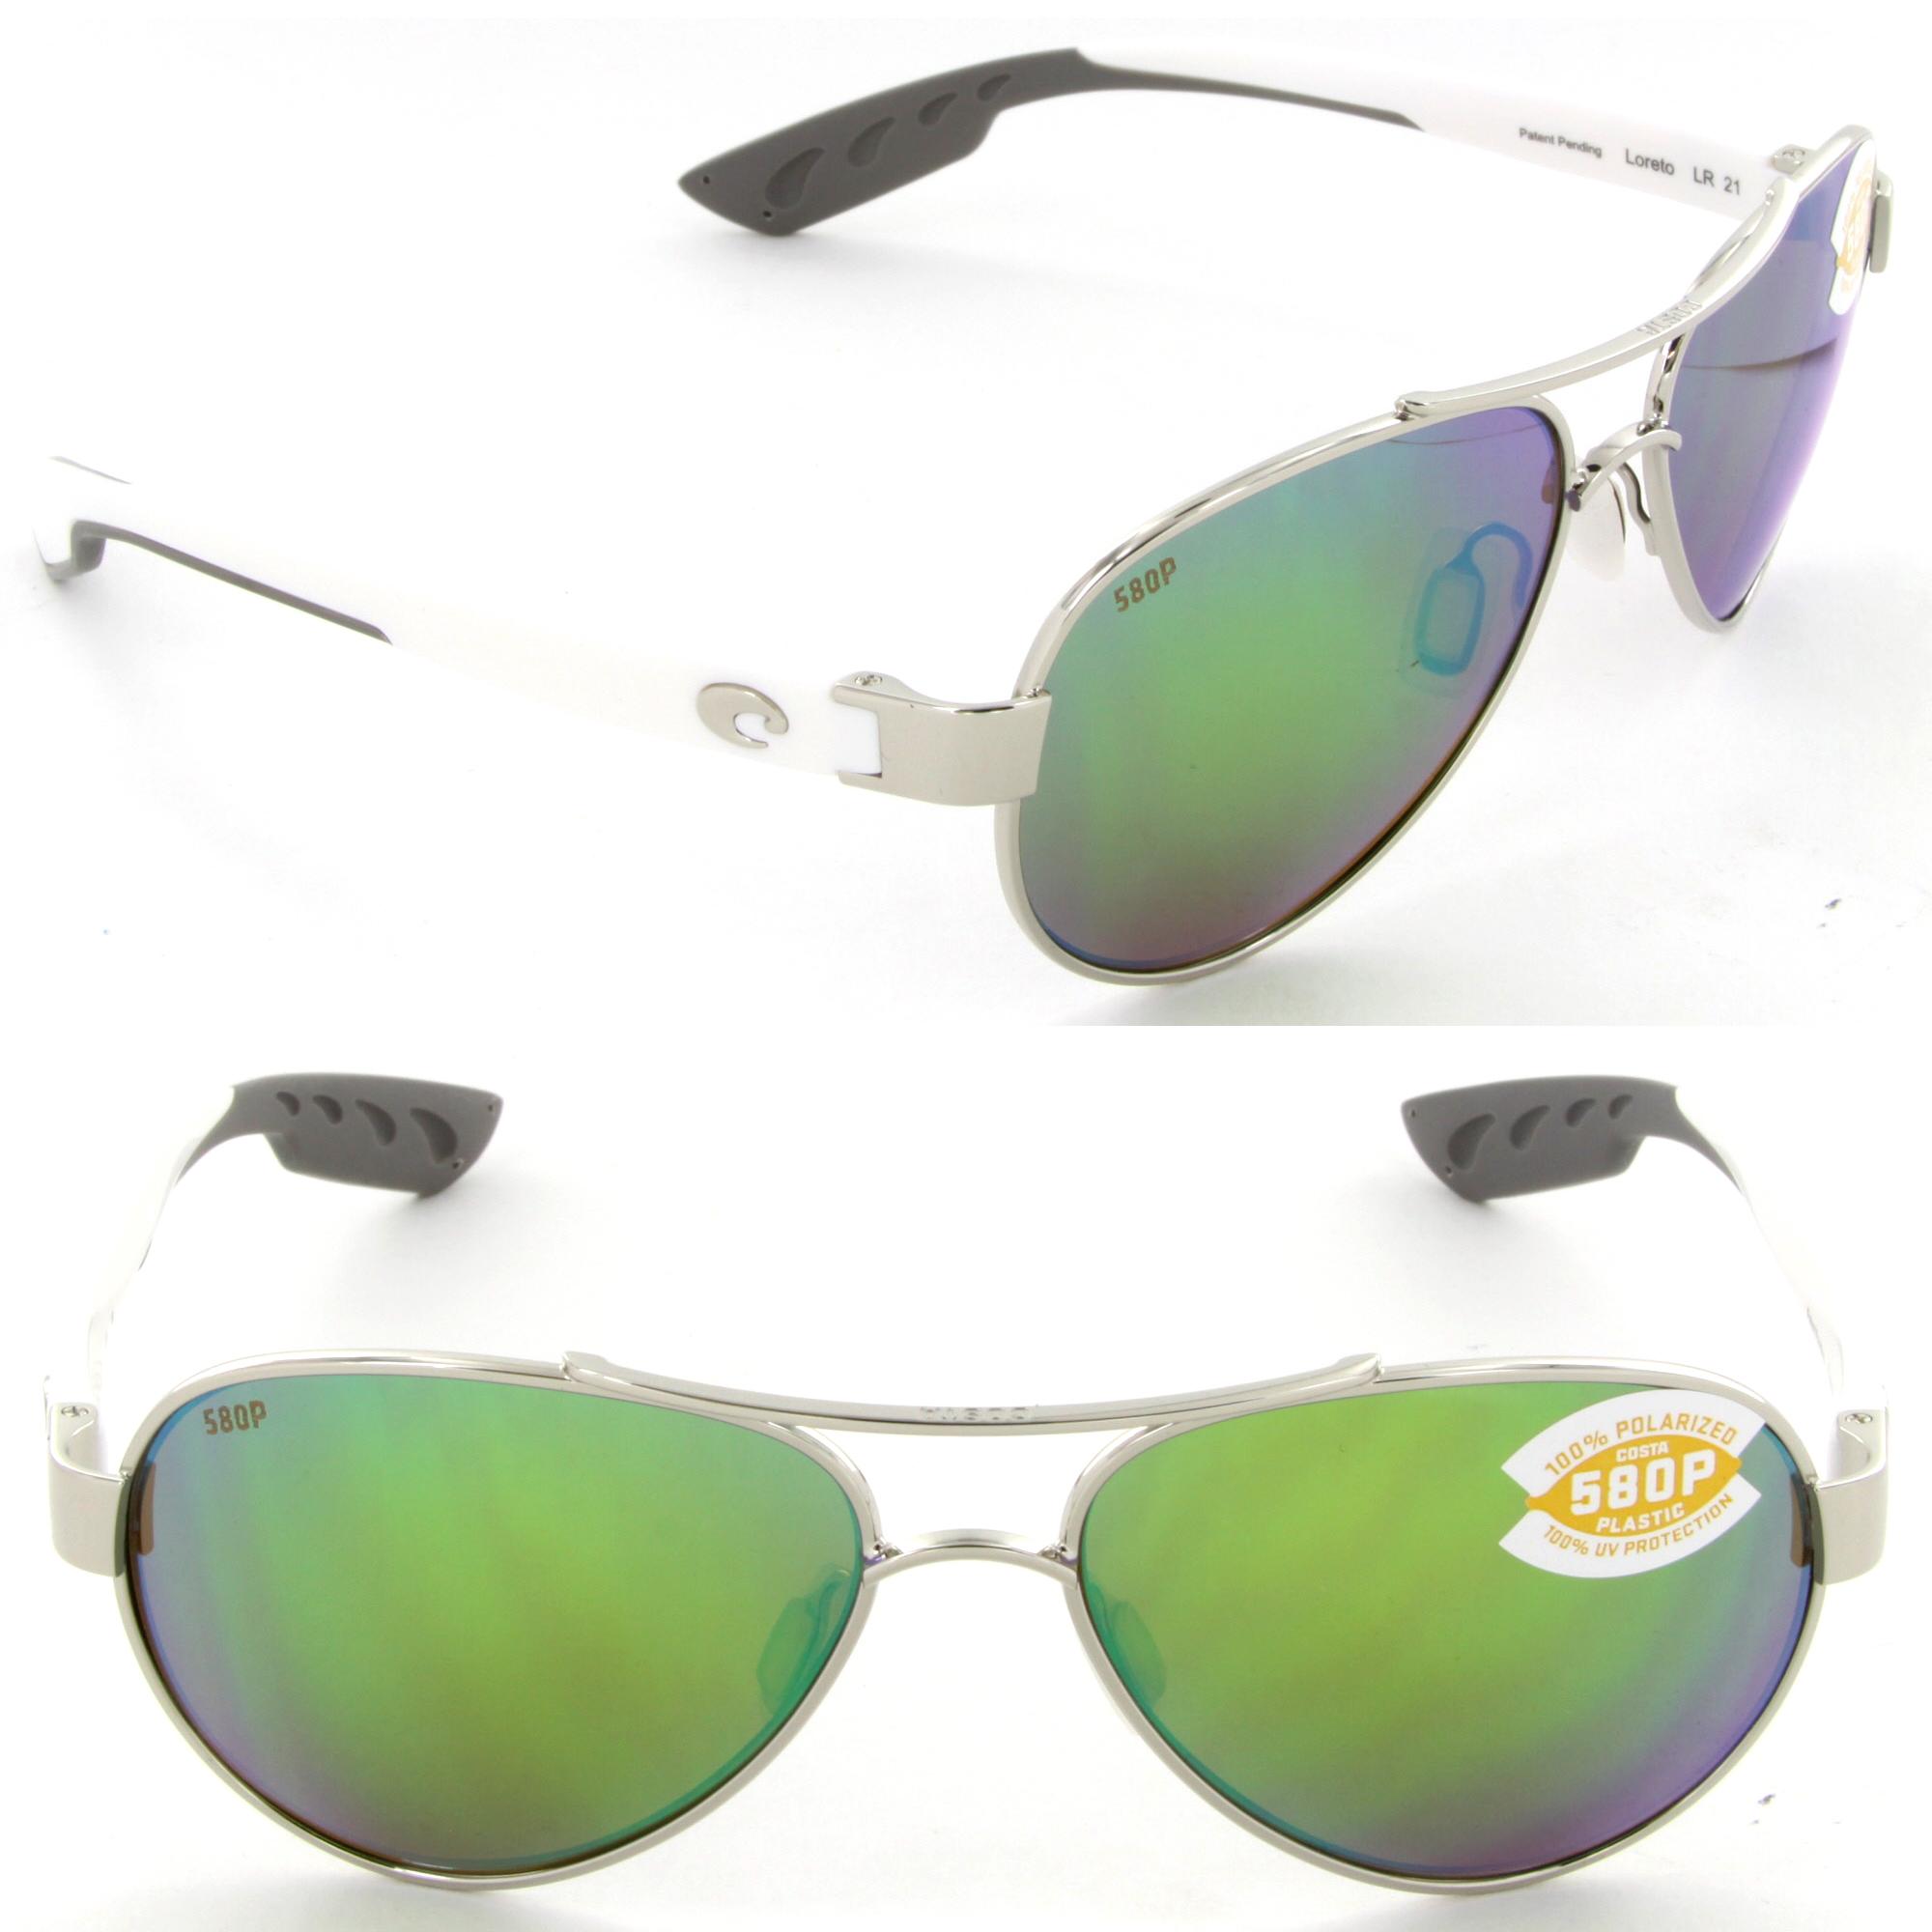 e926269b625e Costa Del Mar Loreto LR-21-OGMP Aviator Sunglasses Palladium/Green ...